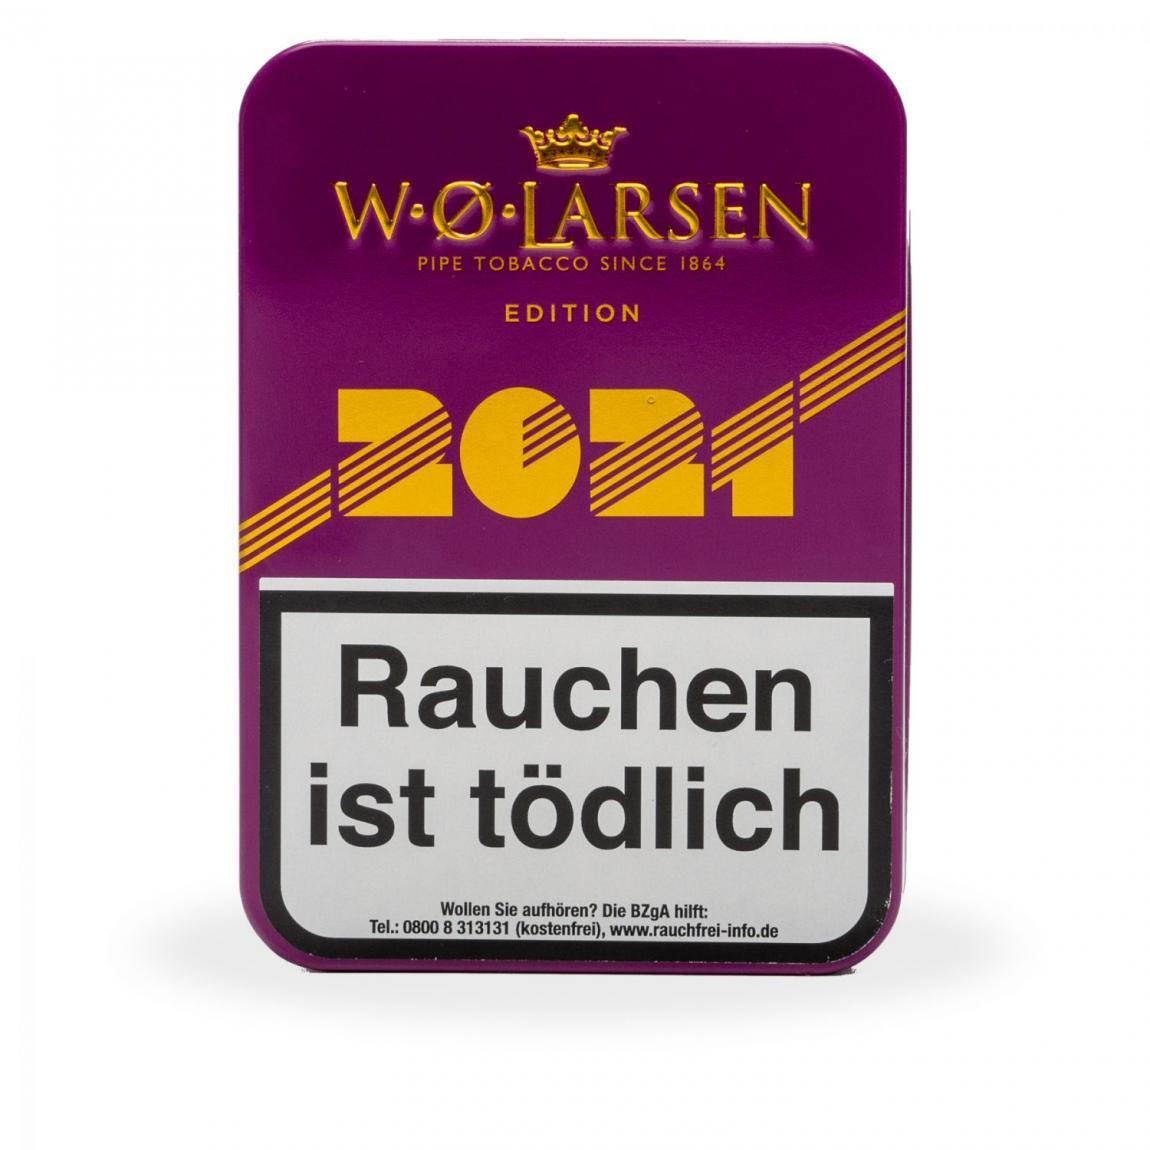 W. Ø. Larsen »2021« Jahresedition 100g Schmuckdose